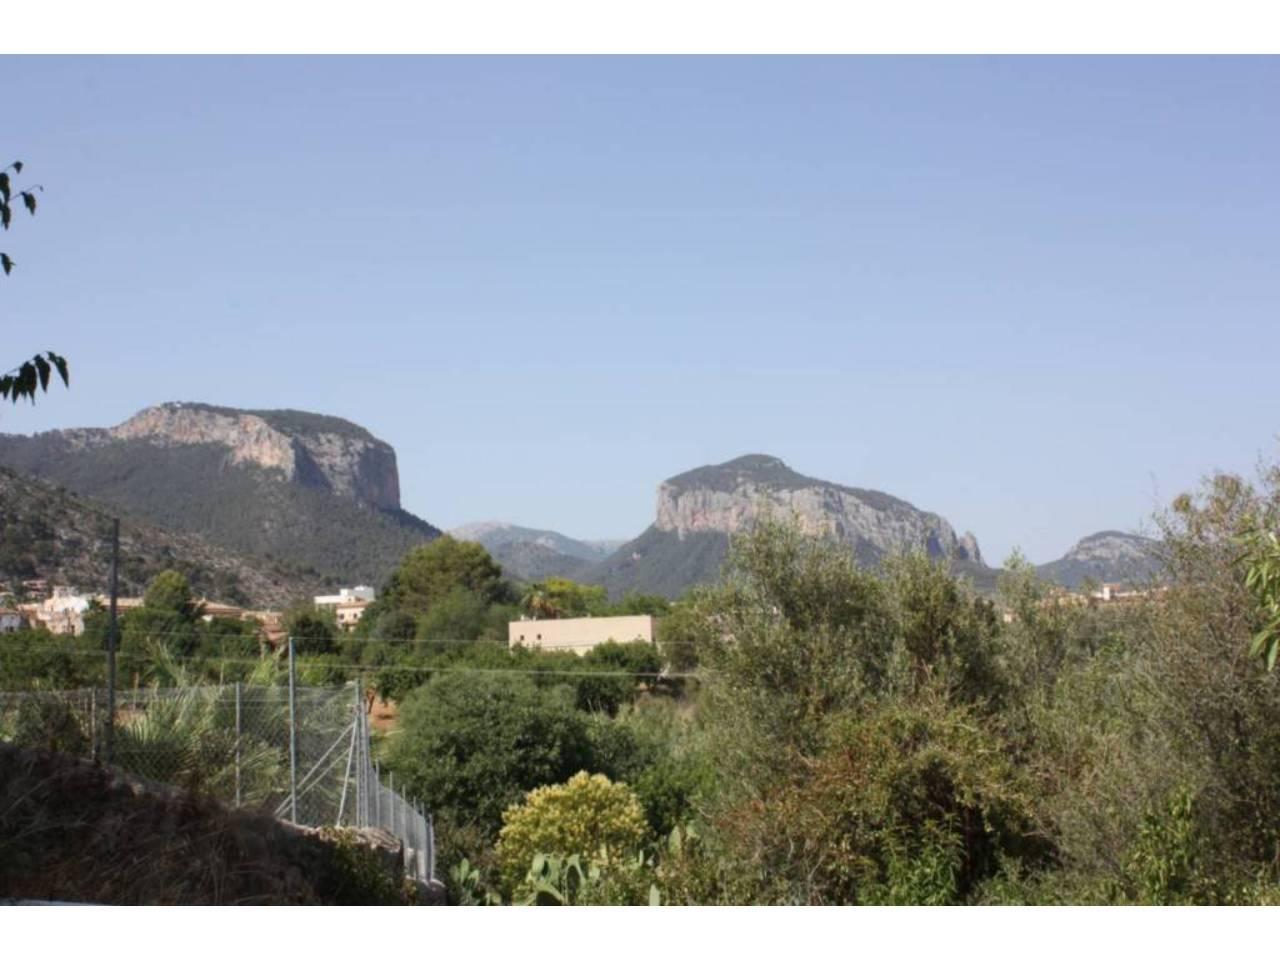 Solar urbà  Son sant joan. Solar urbano de unos 563m2 en una zona exclusiva de Alaró. posib